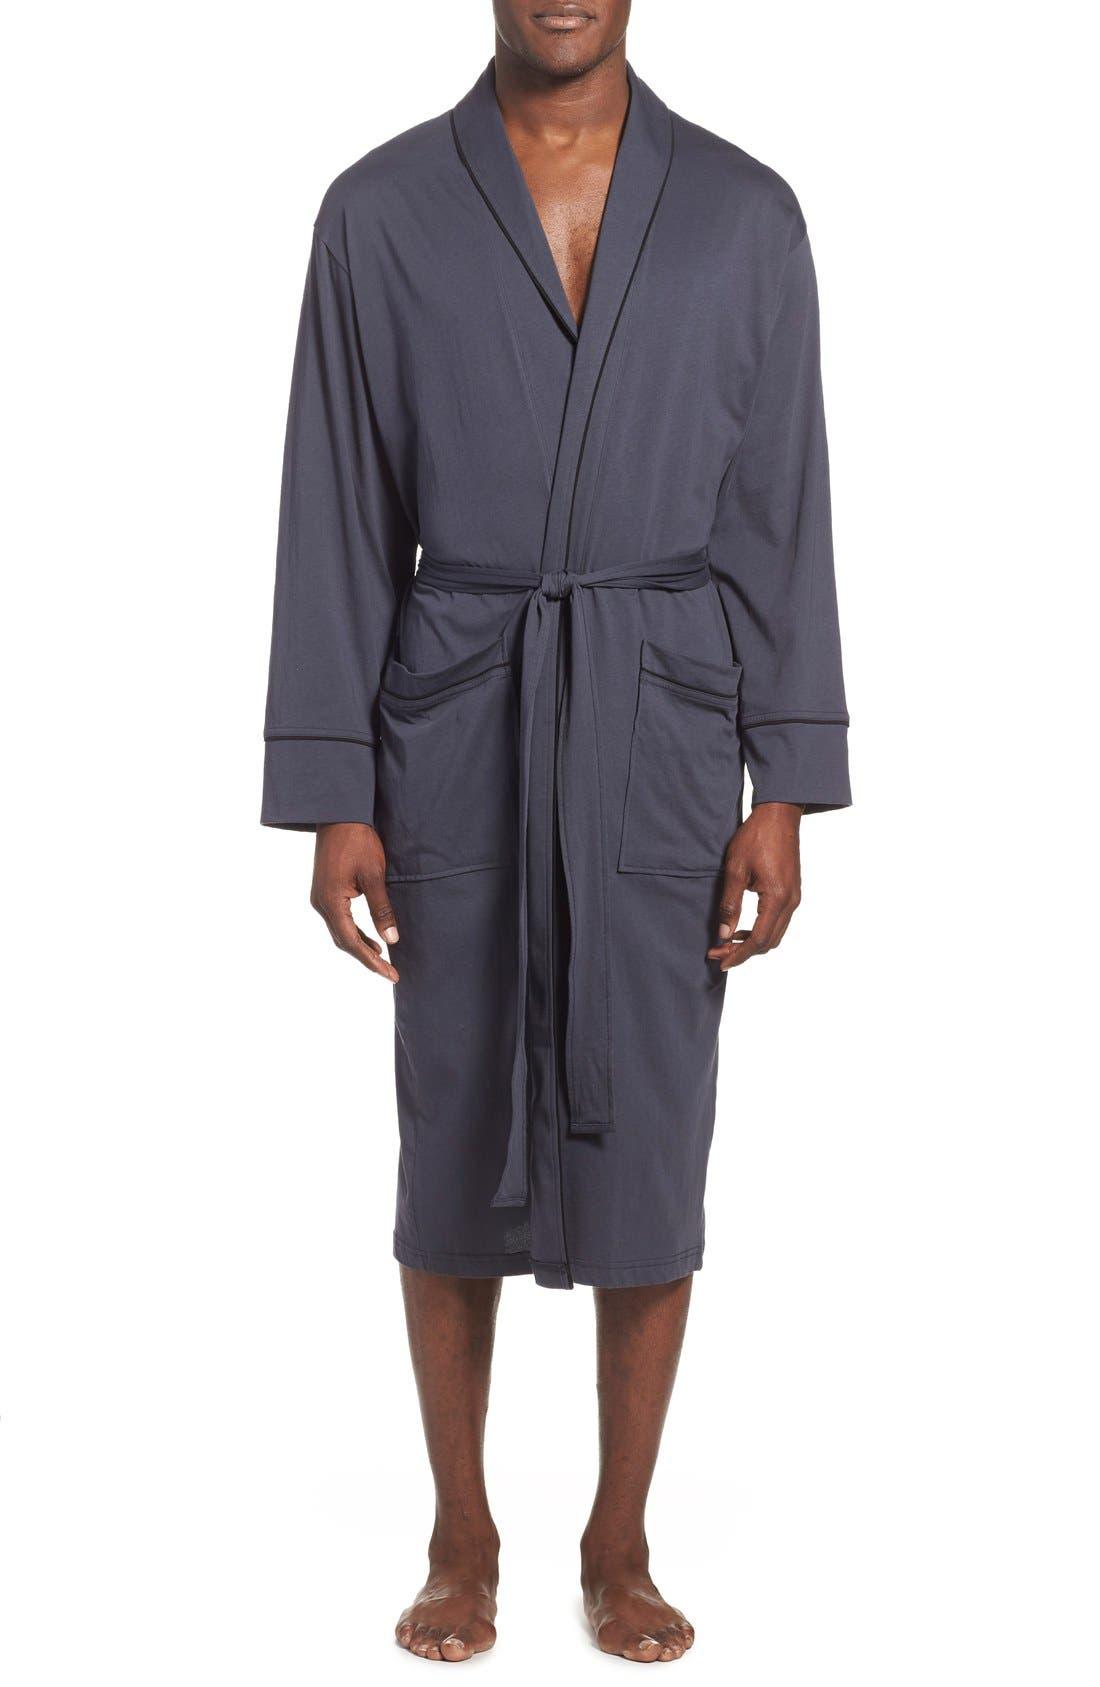 Peruvian Pima Cotton Robe